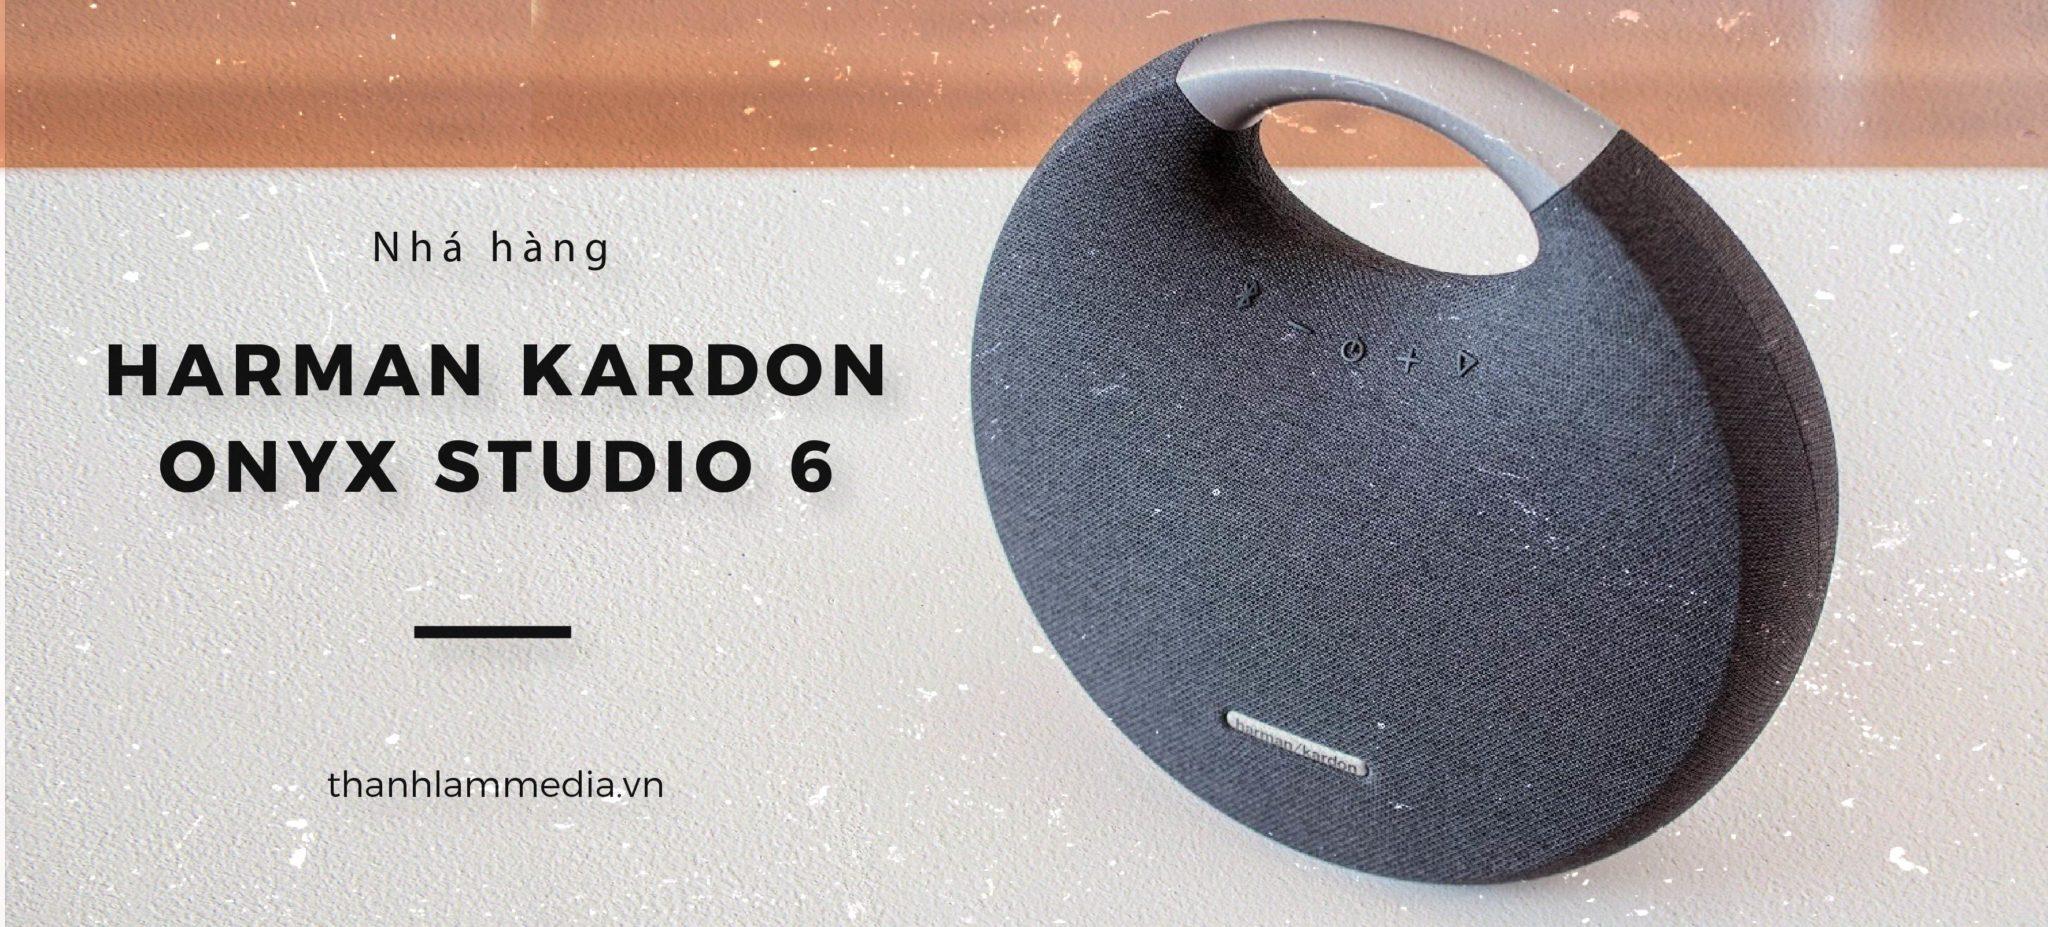 """""""Nhá hàng"""" Harman Kardon Onyx Studio 6 - Phiên bản mới nhất của dòng loa siêu hot nhà HK 1"""